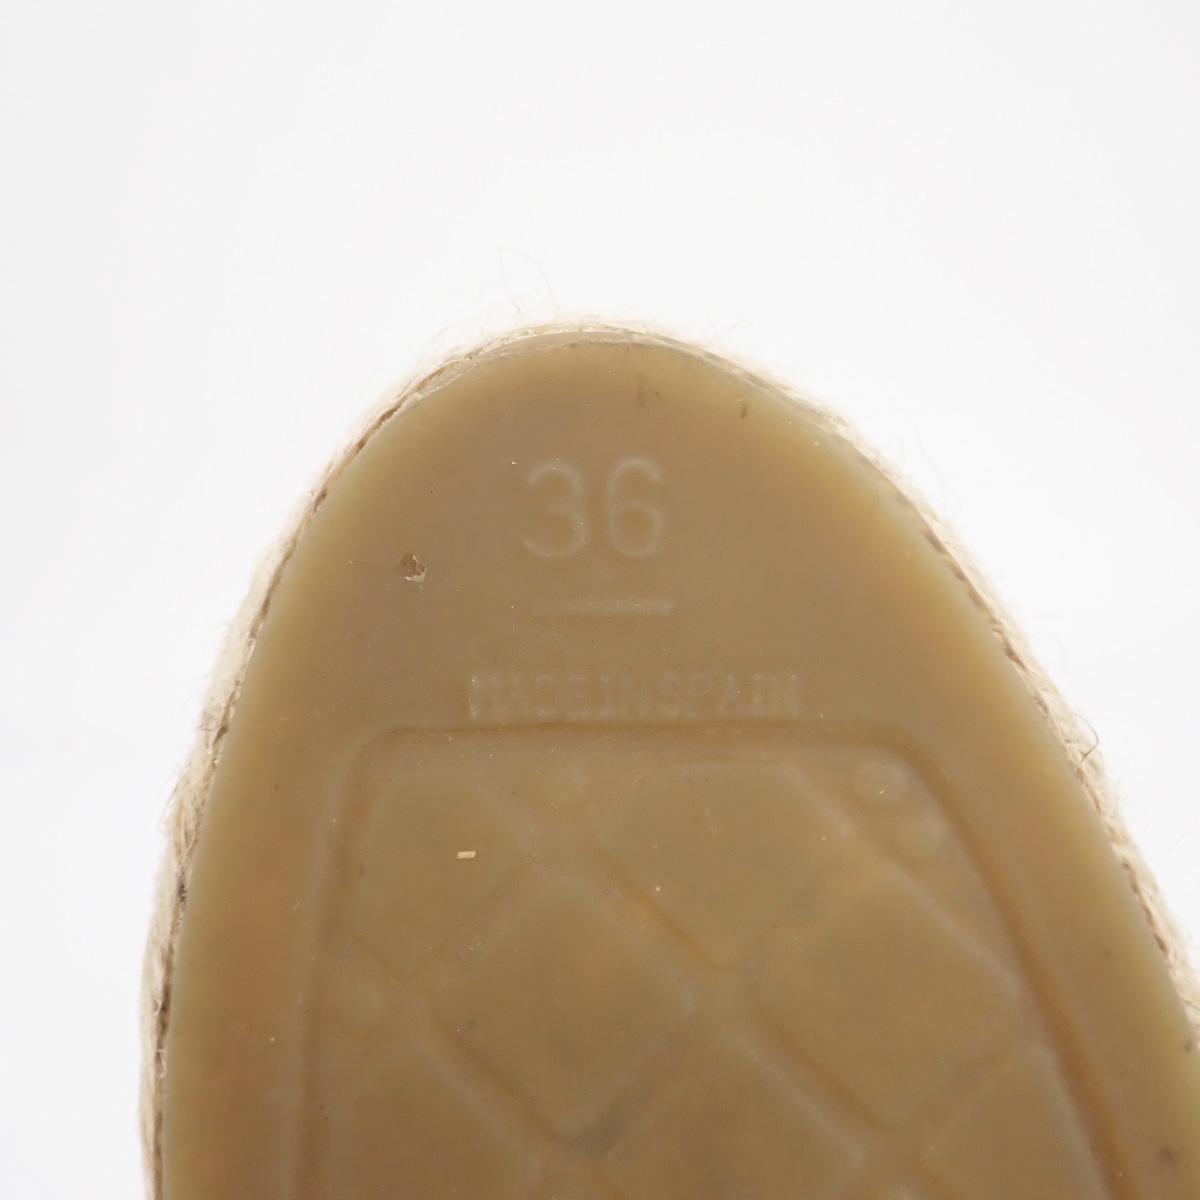 【辛口評価】【Aランク】CHANEL シャネル ラムスキン エスパドリーユ シューズ スリッポン G29762 サイズ36 日本サイズ約23.0cm ホワイト ブラック